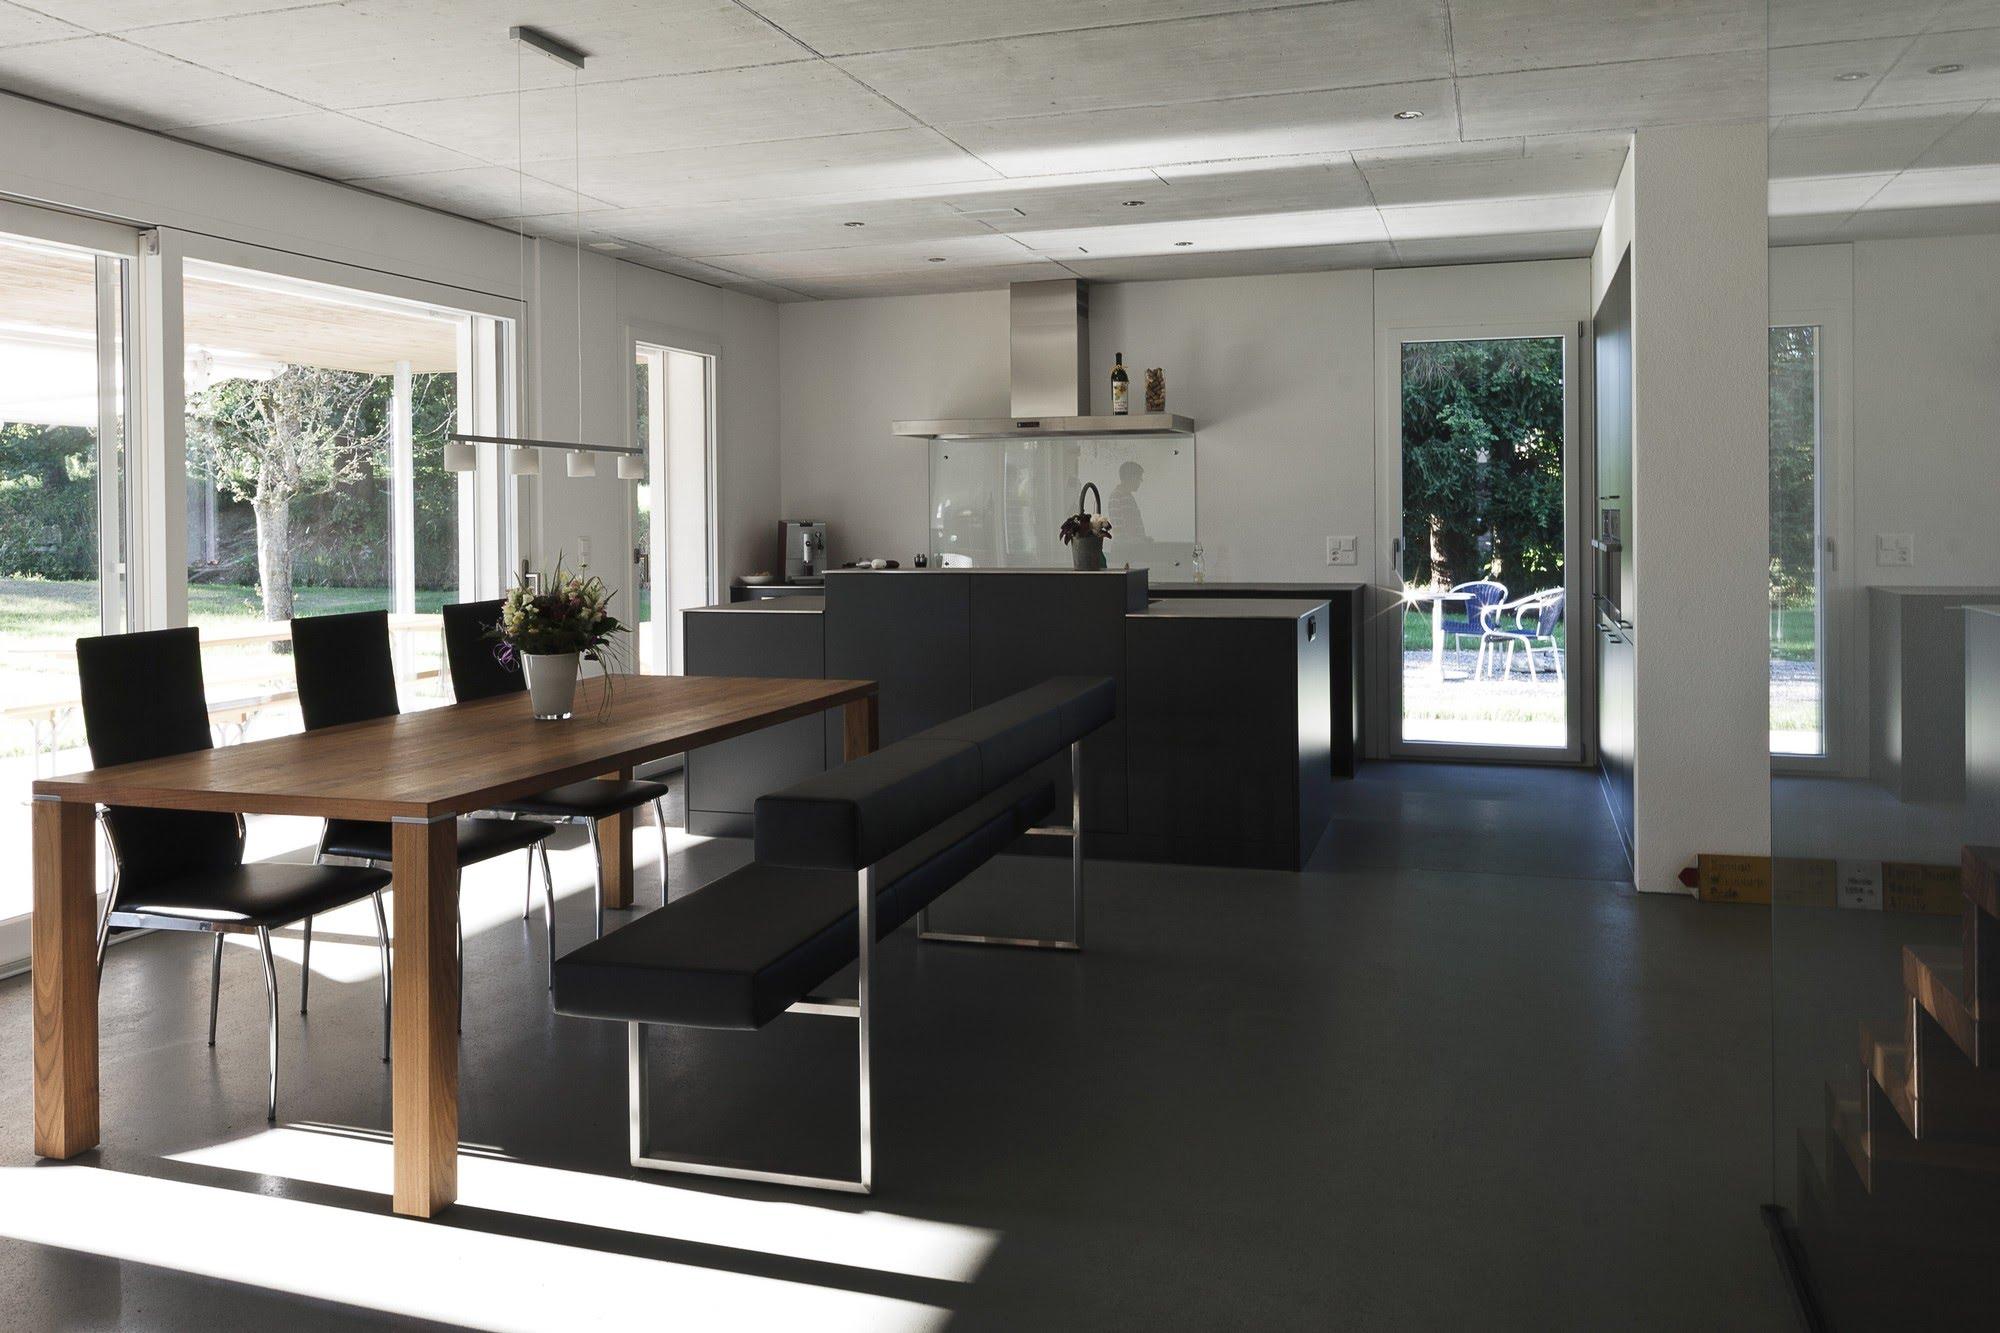 Wohnen EFH EFH in Fulenbach Architektur,Wohnungsbau,Wohnhäuser,Einfamilienhäuser,Mehrfamilienhäuser